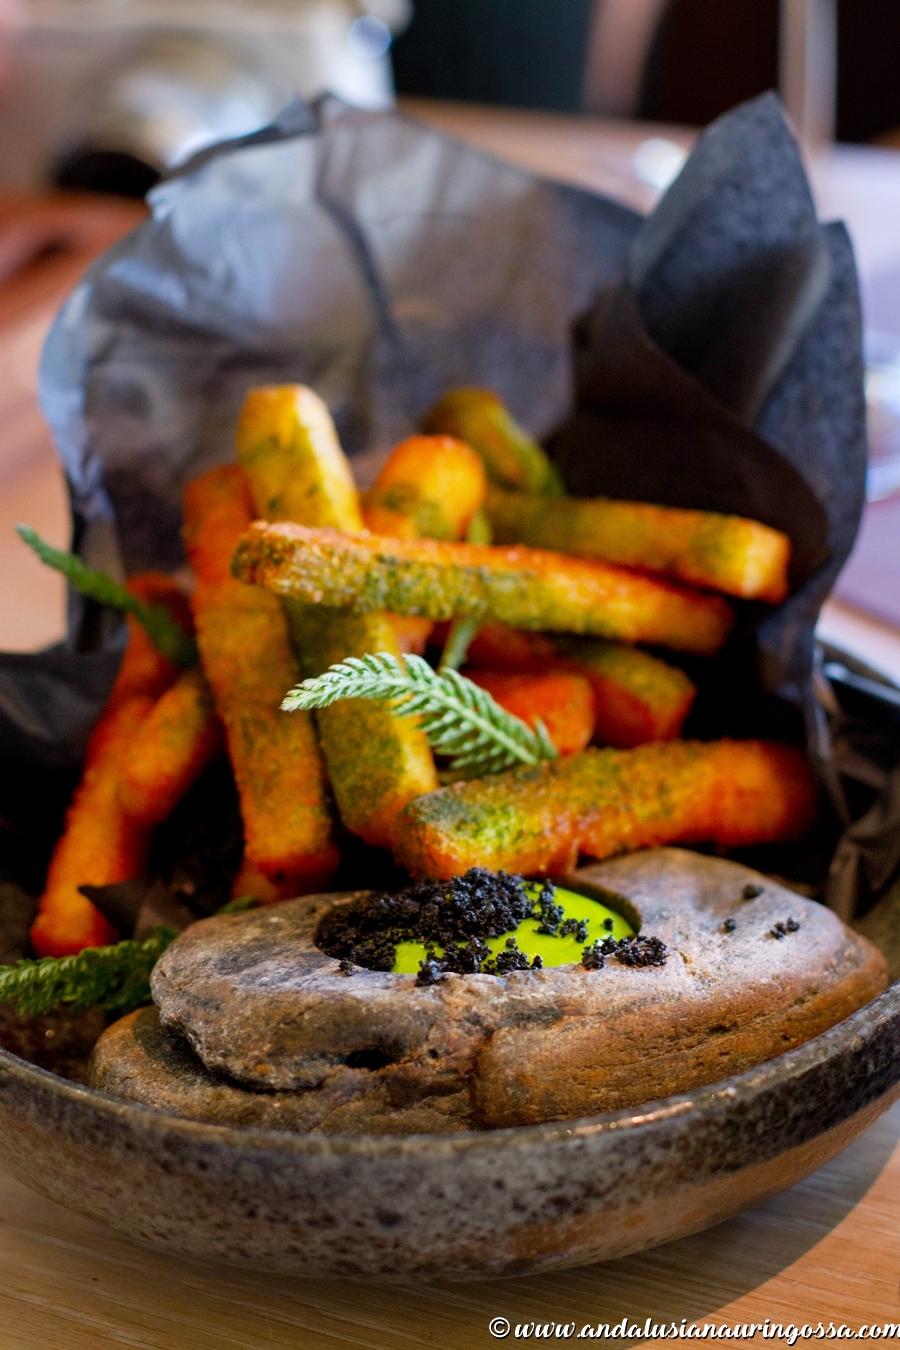 Noa_Tallinna_Tallinnan parhaat ravintolat_Andalusian auringossa_ruokablogi_matkablogi_9